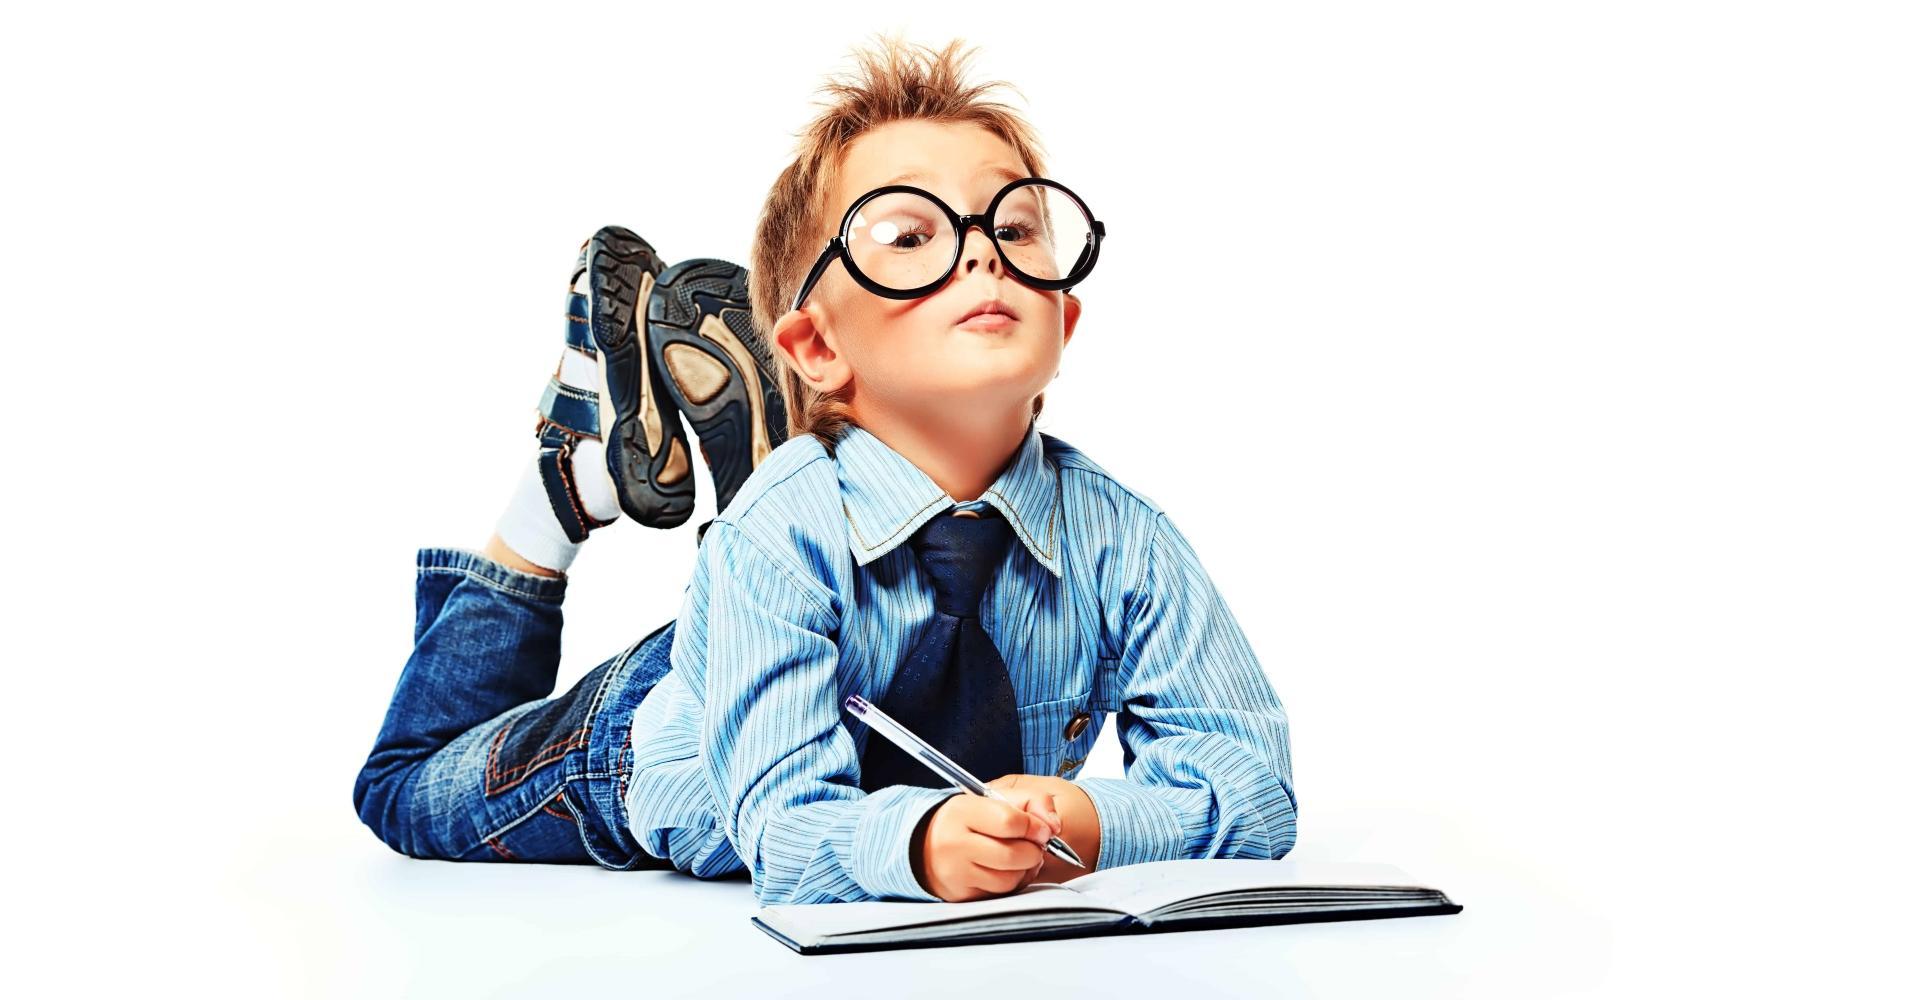 Новое открытие поможет вовремя повысить IQ у детей